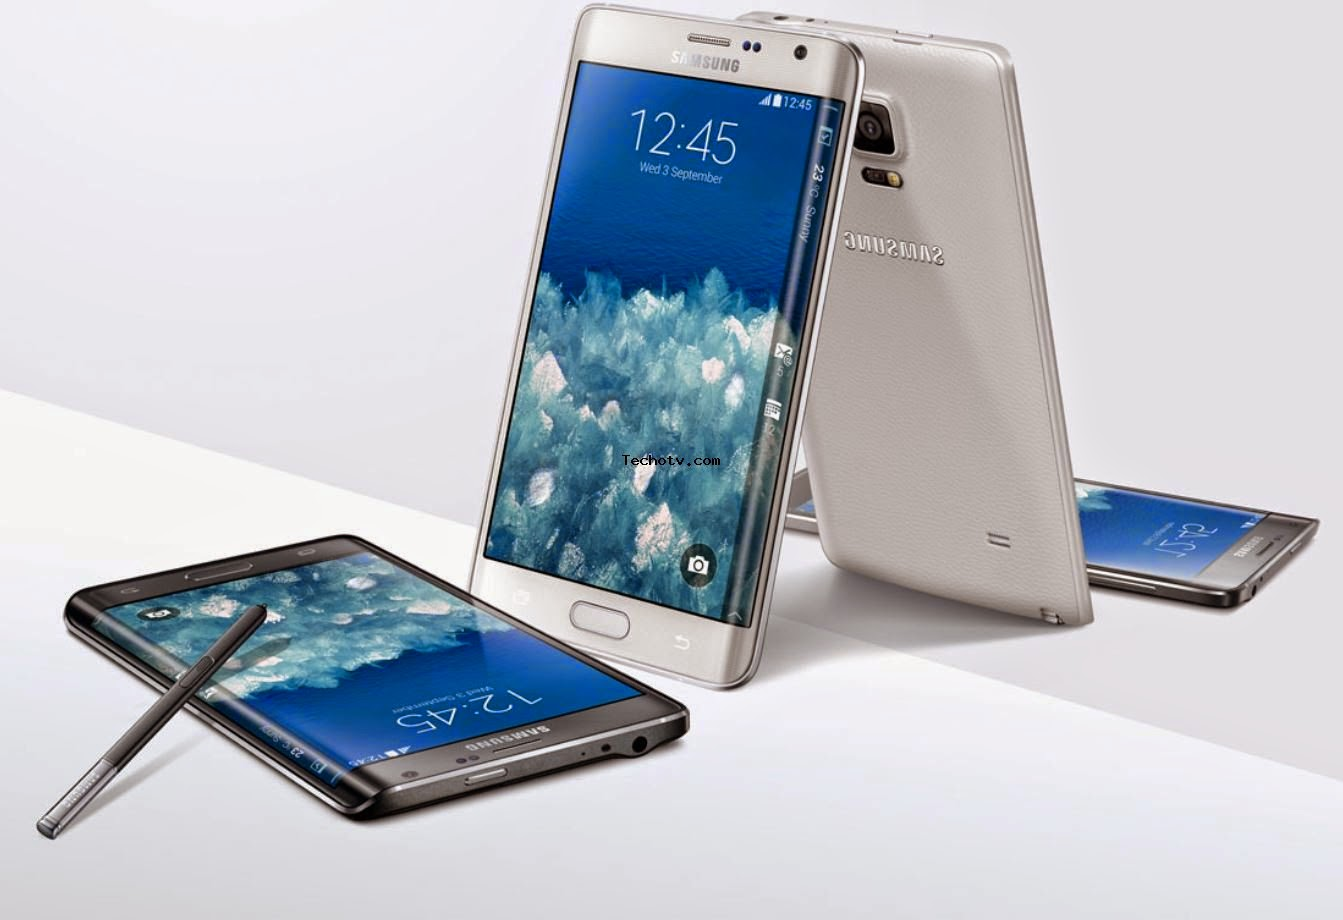 nuevo smartphone, smartphone Android, nuevo phablet, Samsung Súper Copy, foto Autofoto, Autofoto fotografía, Samsung Galaxy Note Edge, HDC Galaxy Note Edge, Android KitKat,